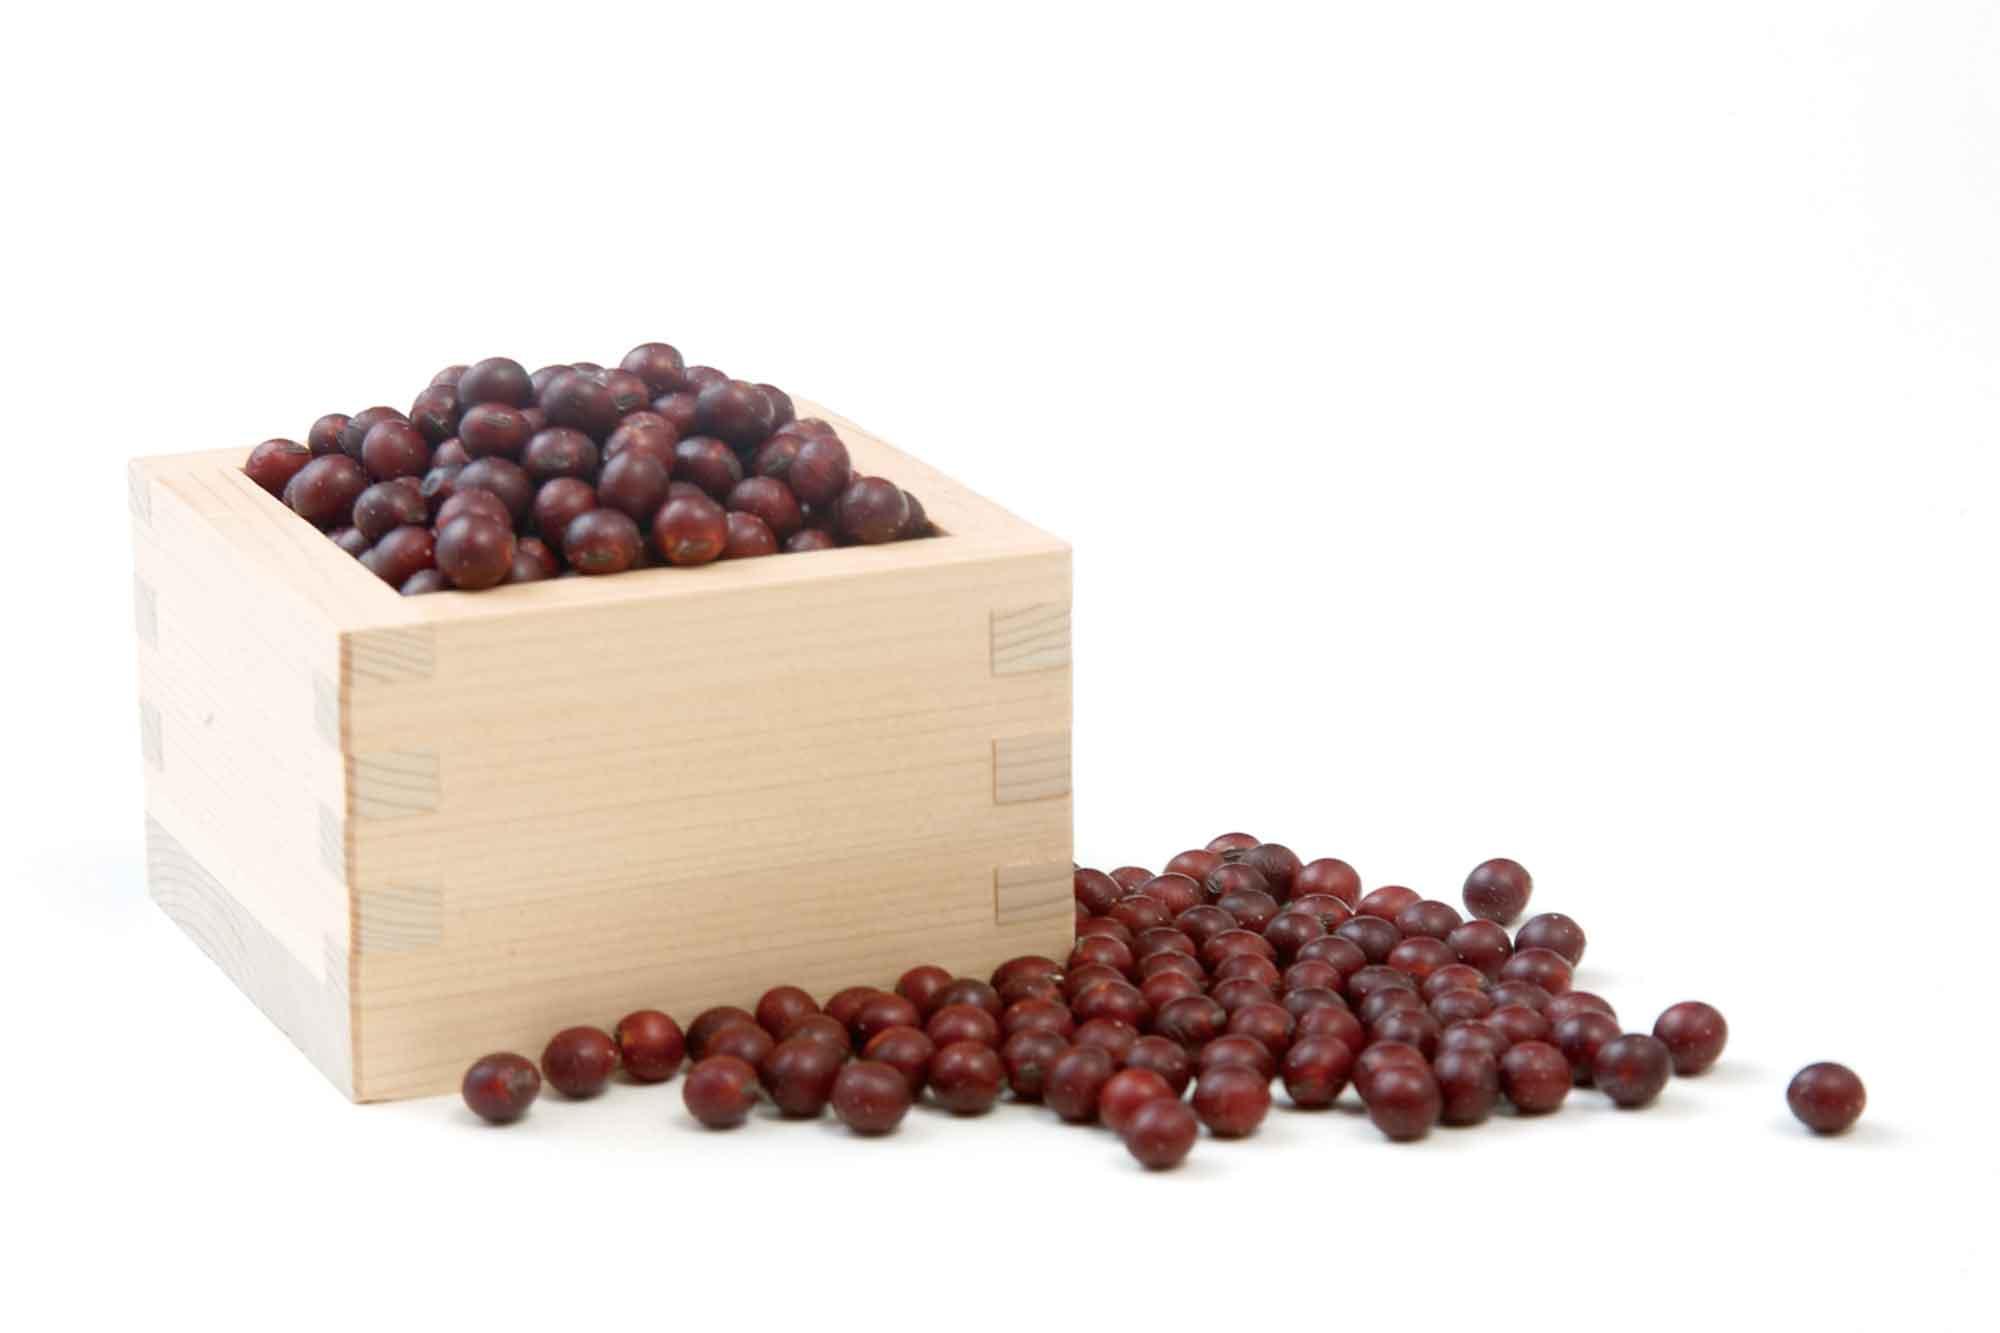 山形県アンテナショップおいしい山形 つくり手を訪ねて|有限会社酢屋吉正:                 川西町特産の貴重な紅大豆。甘みが特長で、味噌のほか煮豆もおいしい。もちもちっとした煮豆は女性に人気。